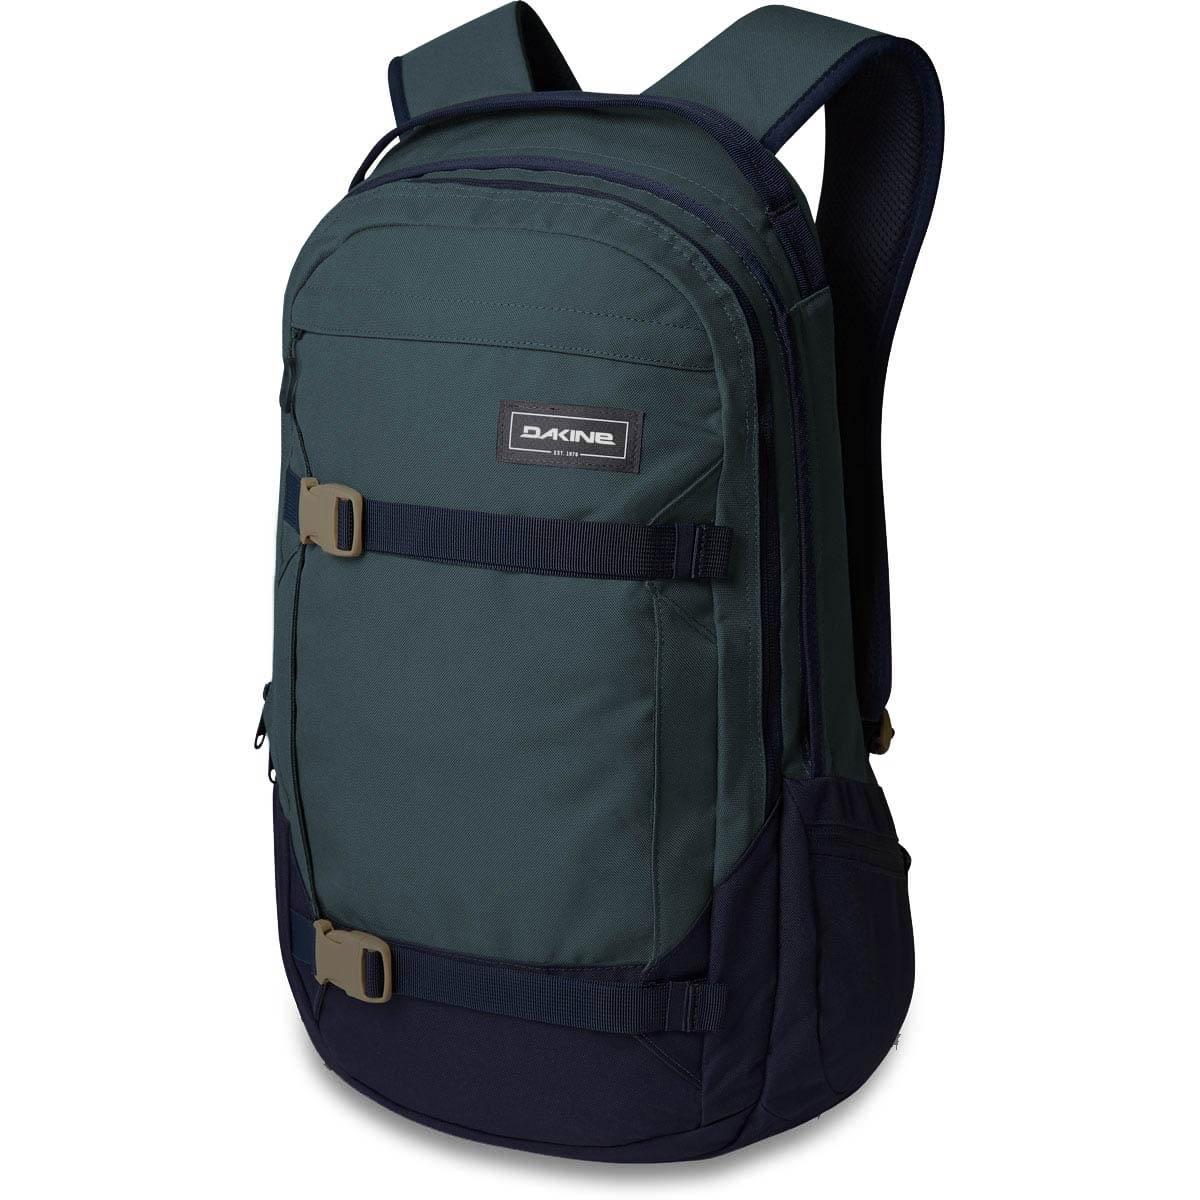 Rucksack Backpack Tasche DAKINE MISSION 25L Rucksack 2019 rincon Backpack